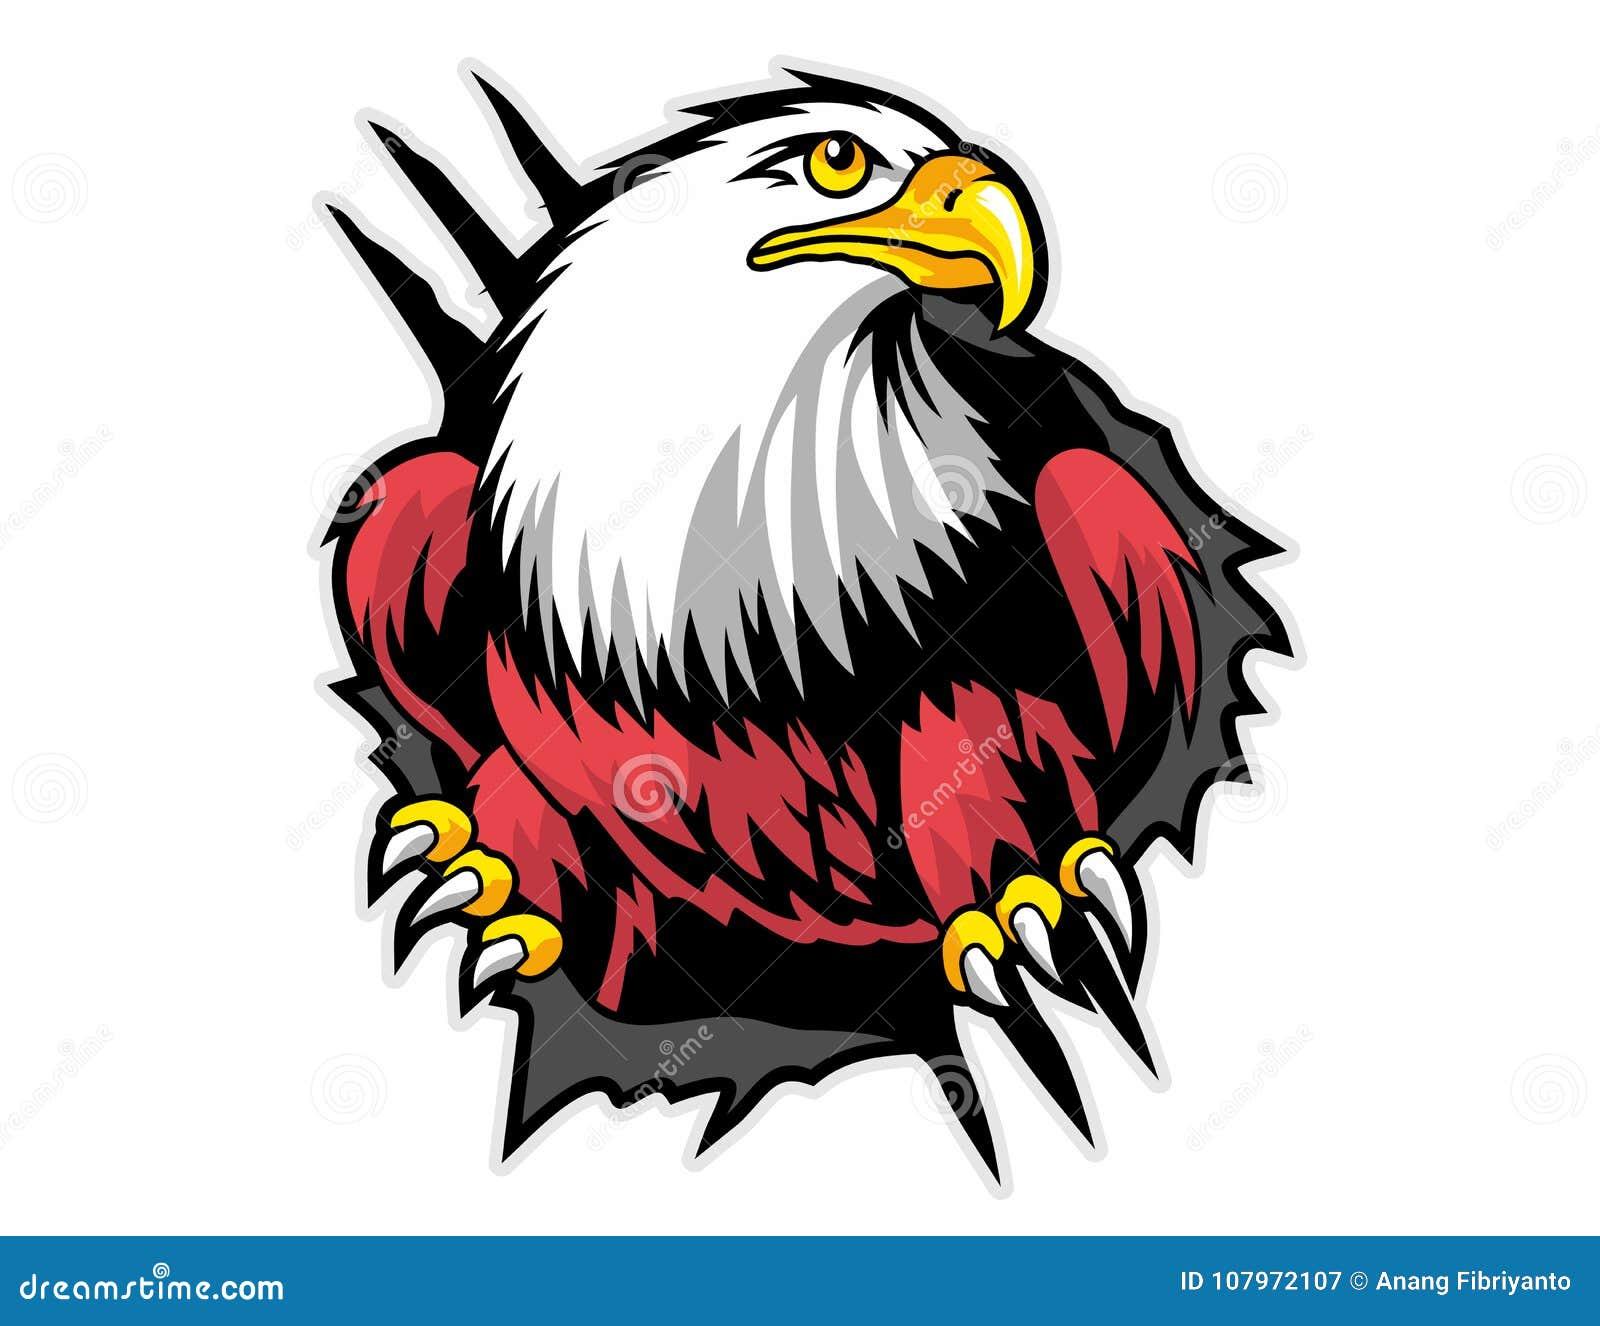 Aigle chauve de mascotte de papier déchirée de bande dessinée peut employer pour le logo de sport